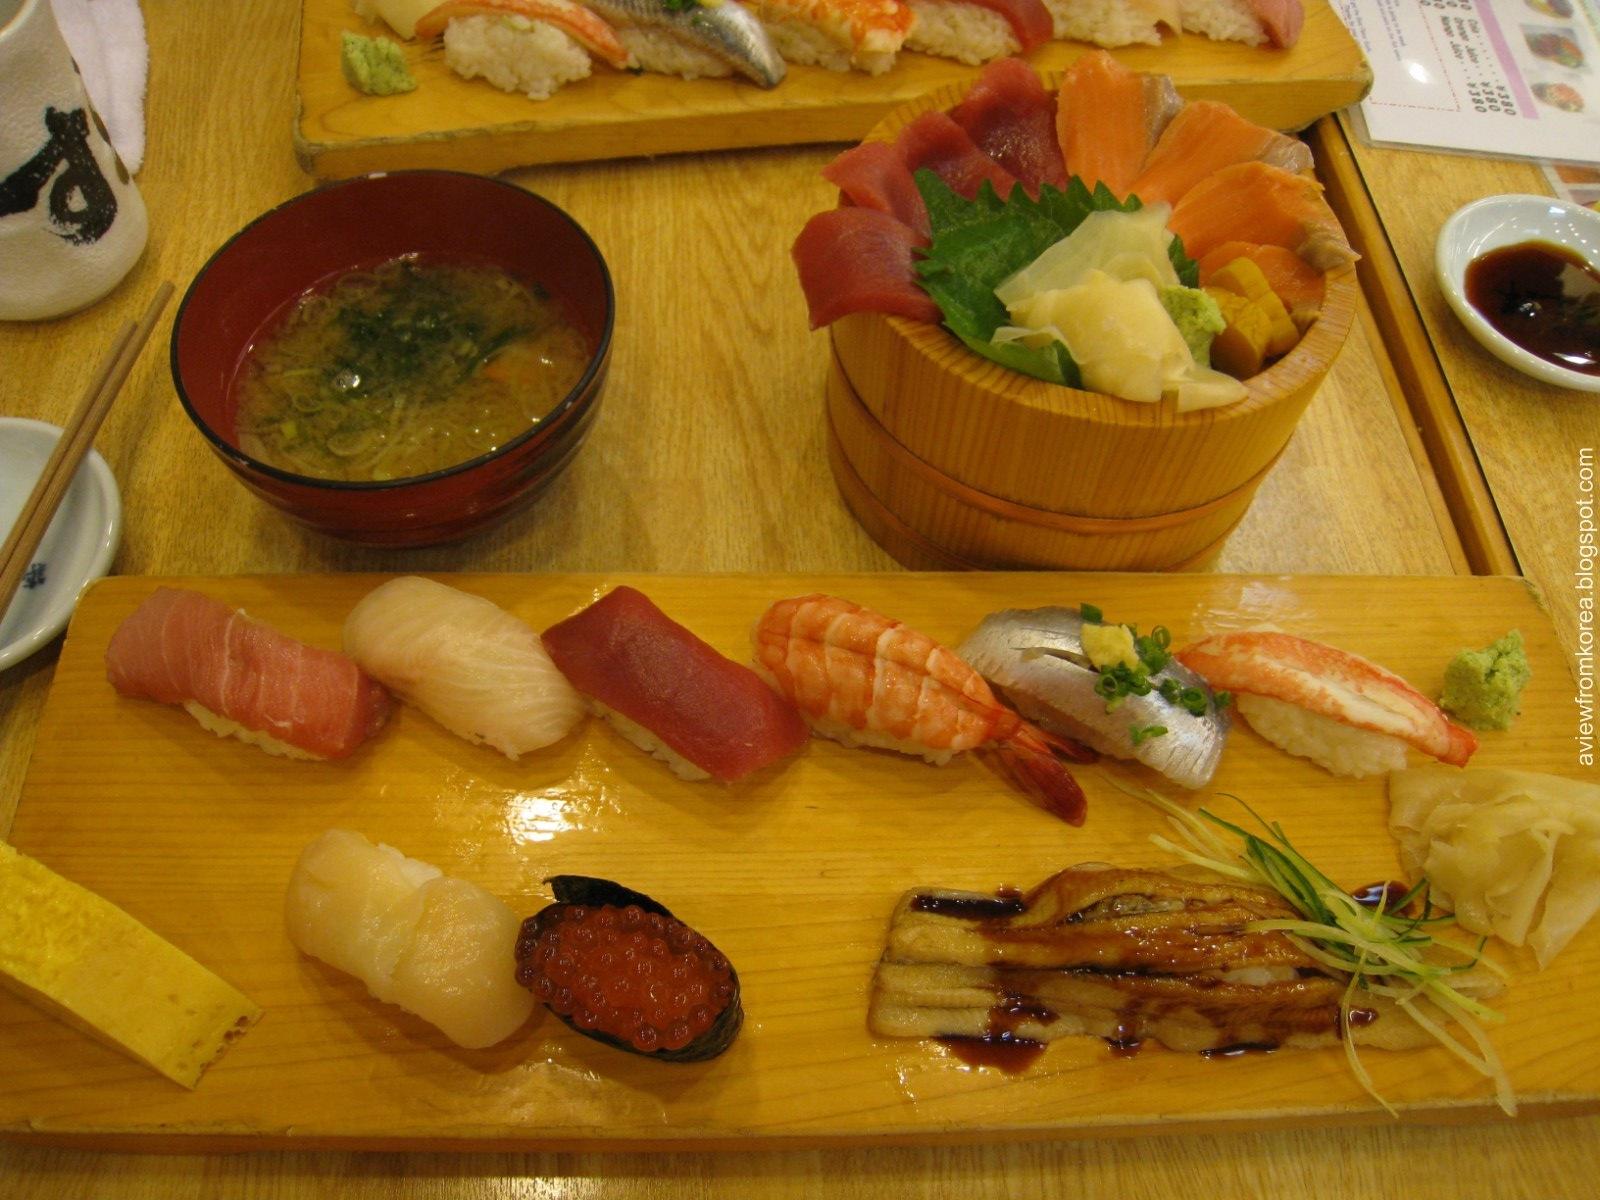 [Tsukiji Fish Market_21 [1600x1200][2].jpg]